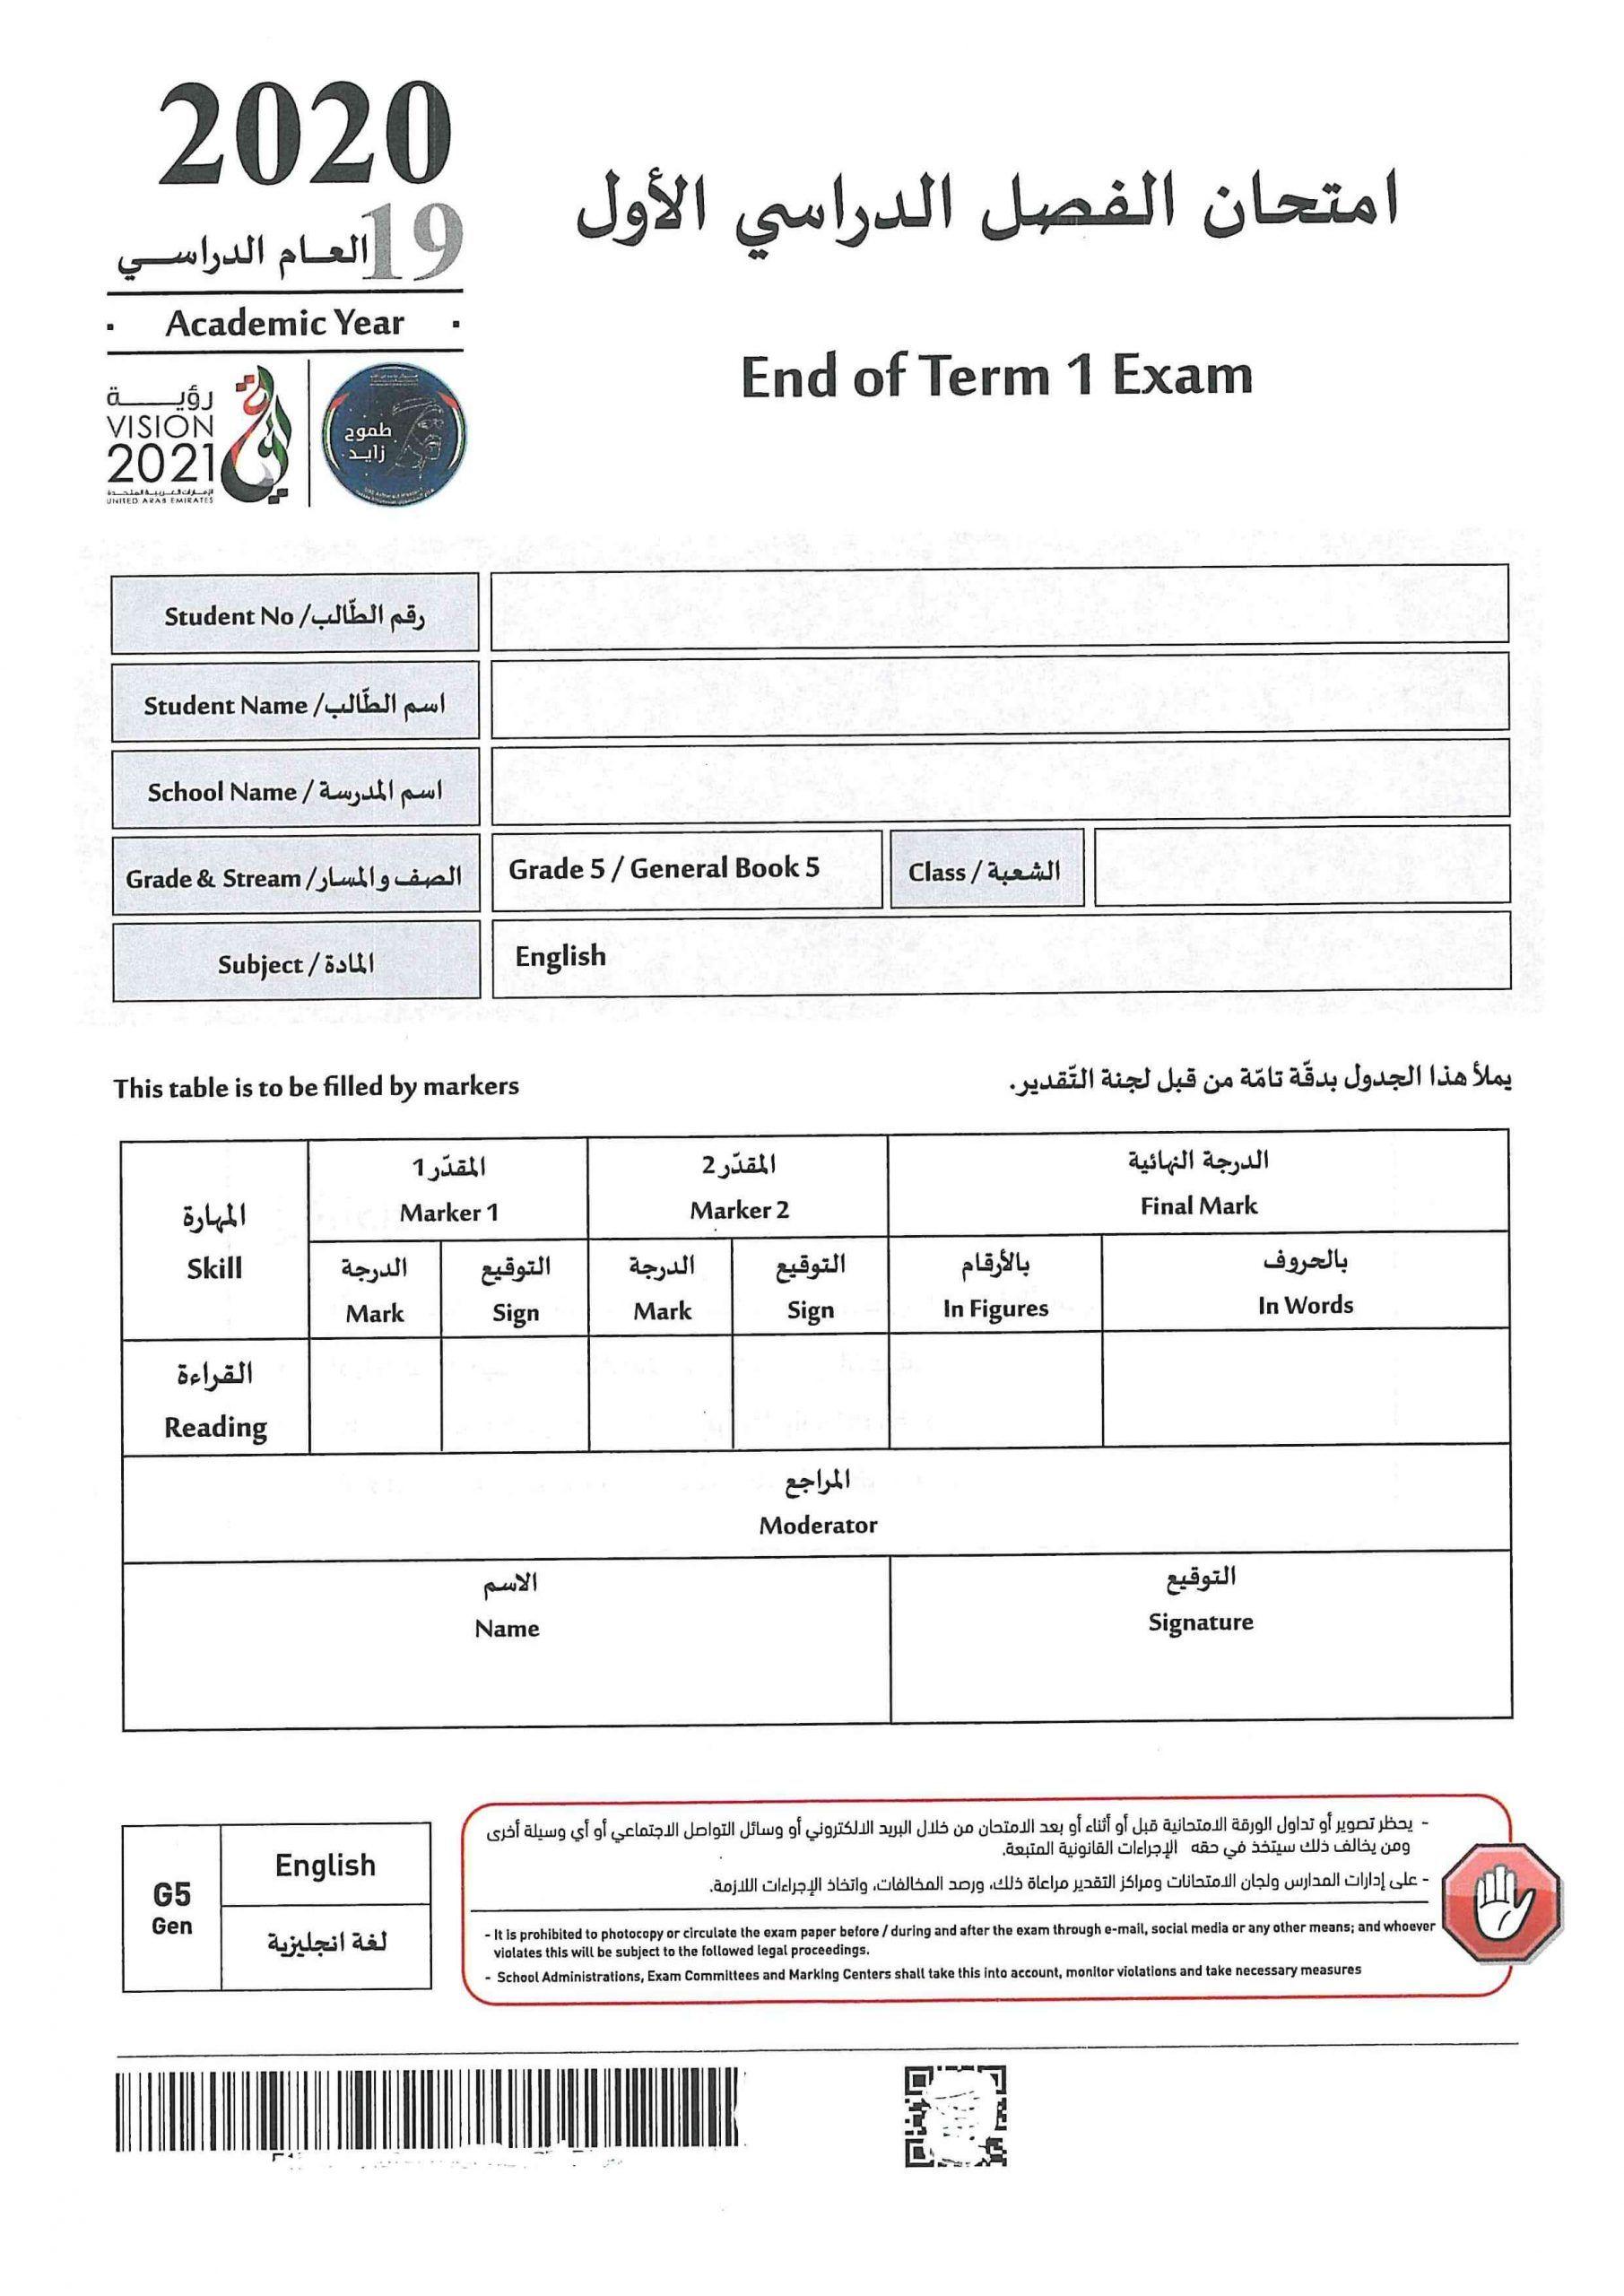 امتحان نهاية الفصل الدراسي الاول 2019 2020 الصف الخامس مادة اللغة الانجليزية 5th Class Student Exam